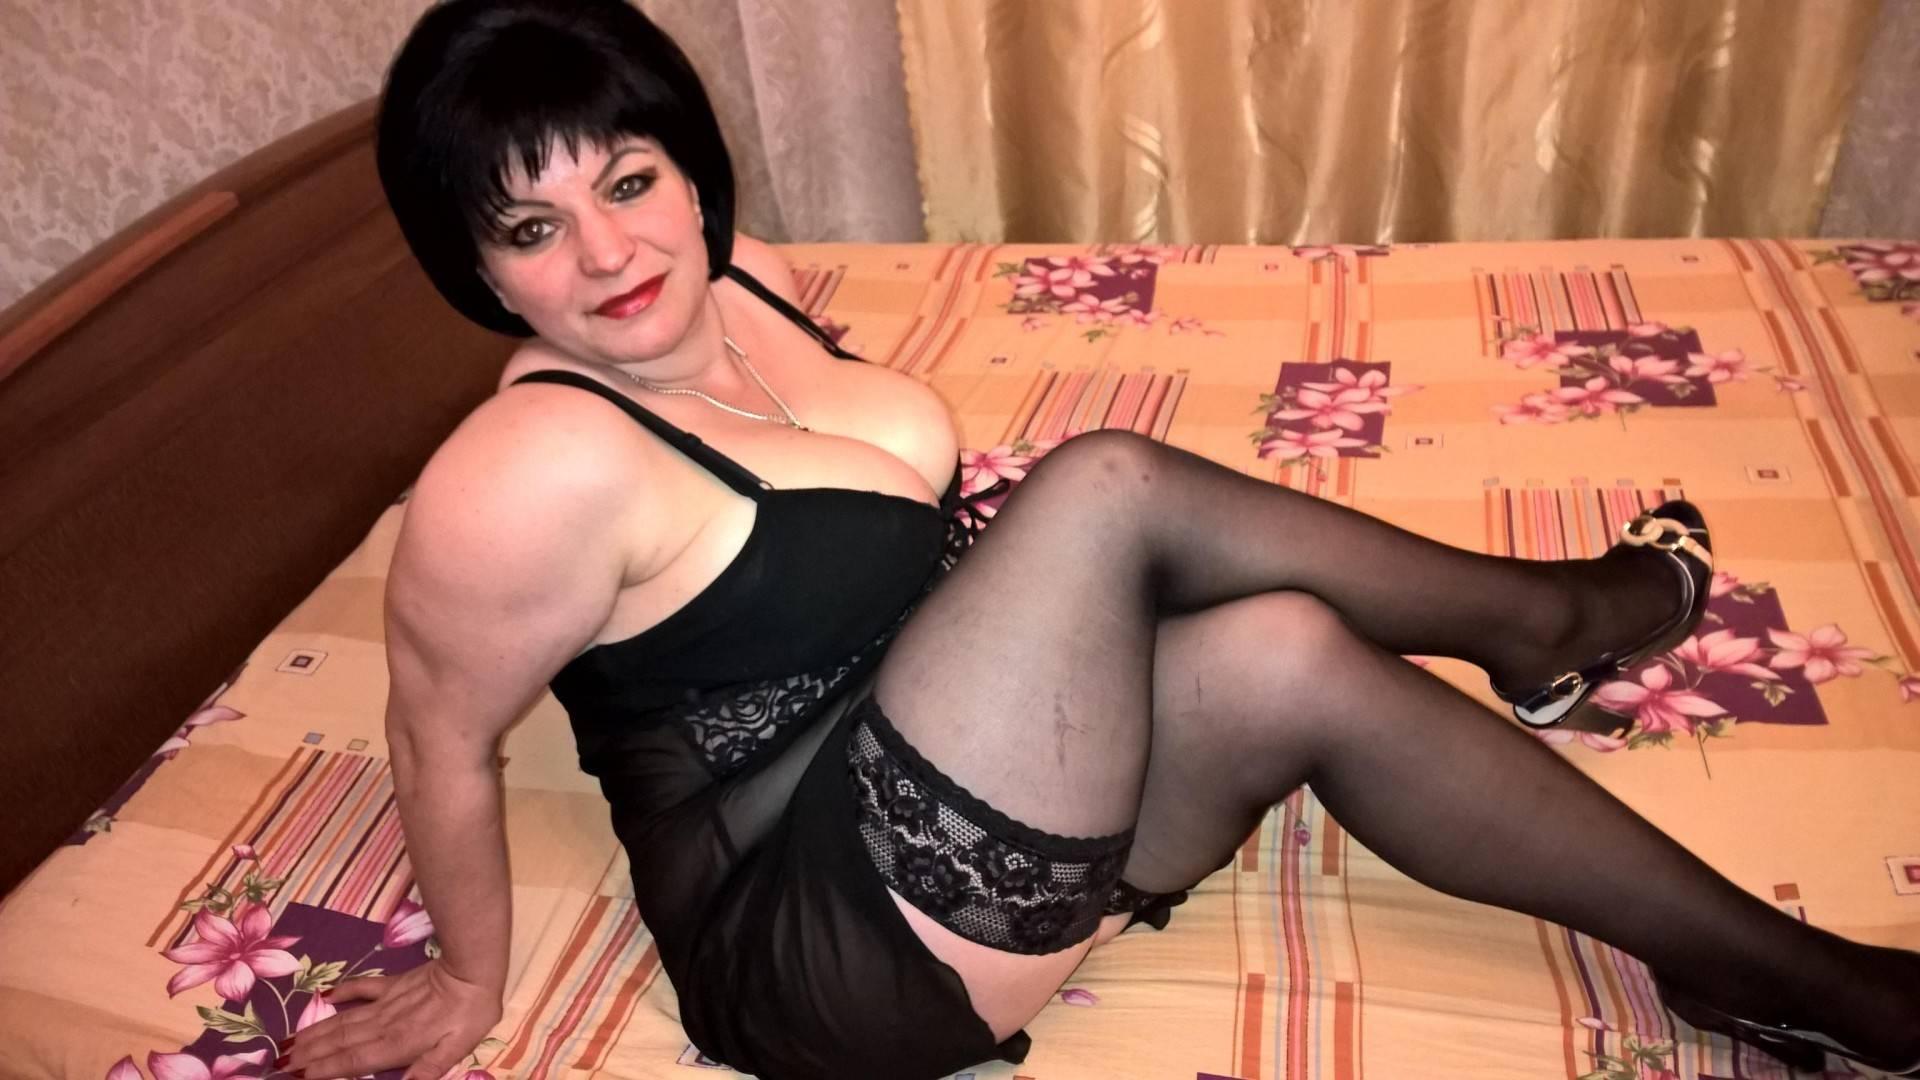 Проститутки 1000 савеловский, Проститутки Савеловская. Индивидуалки метро 14 фотография